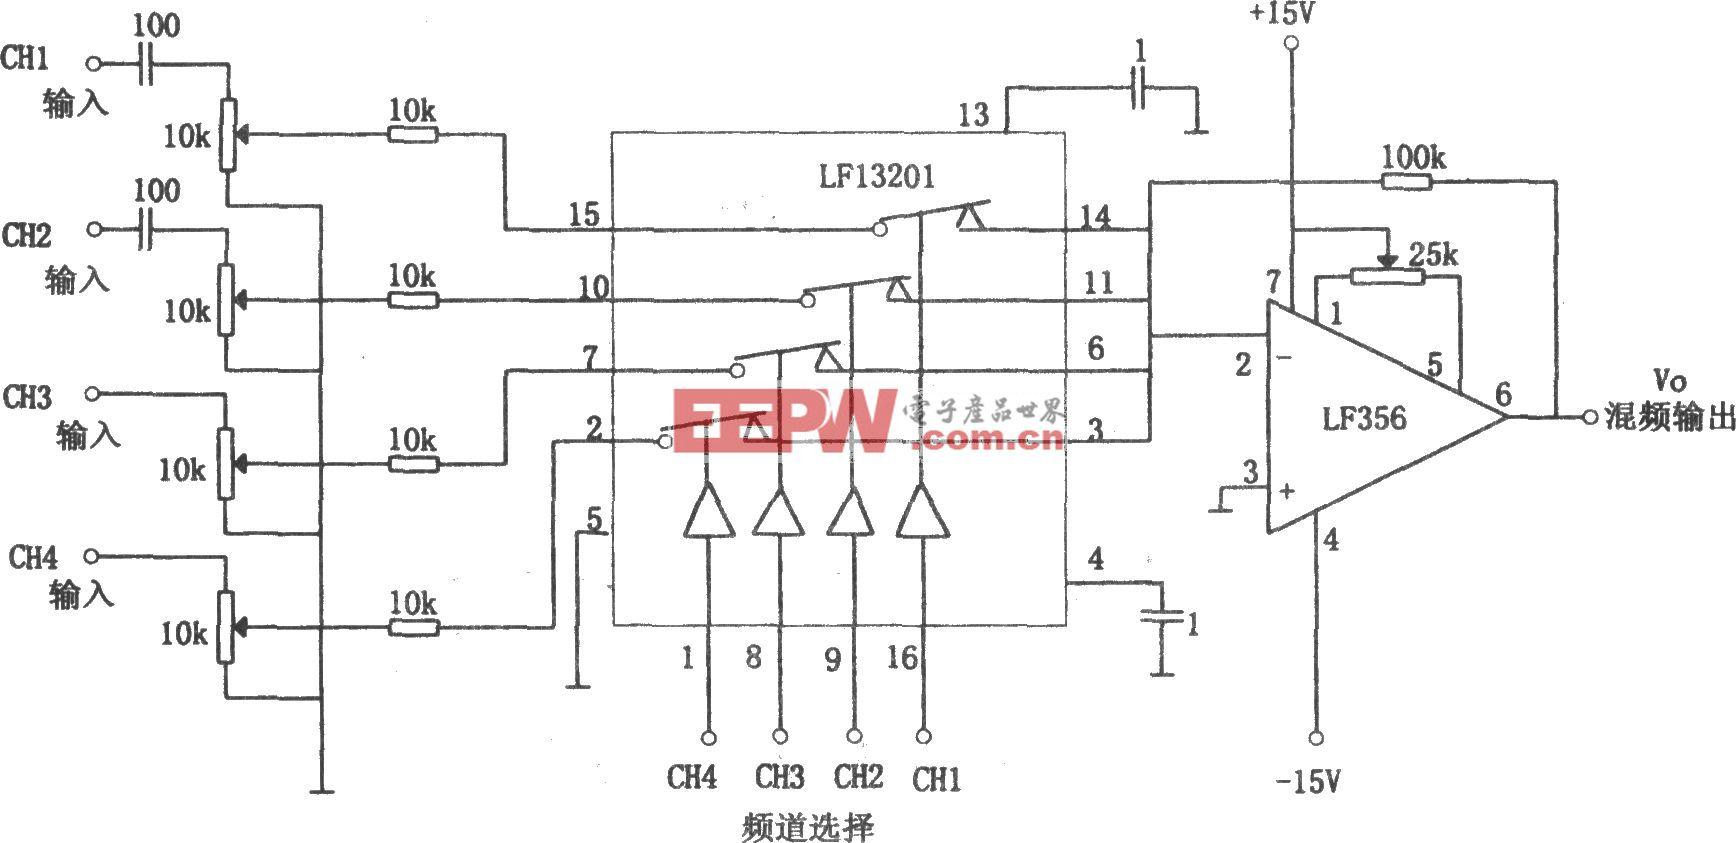 四通道电子开关音频混频器